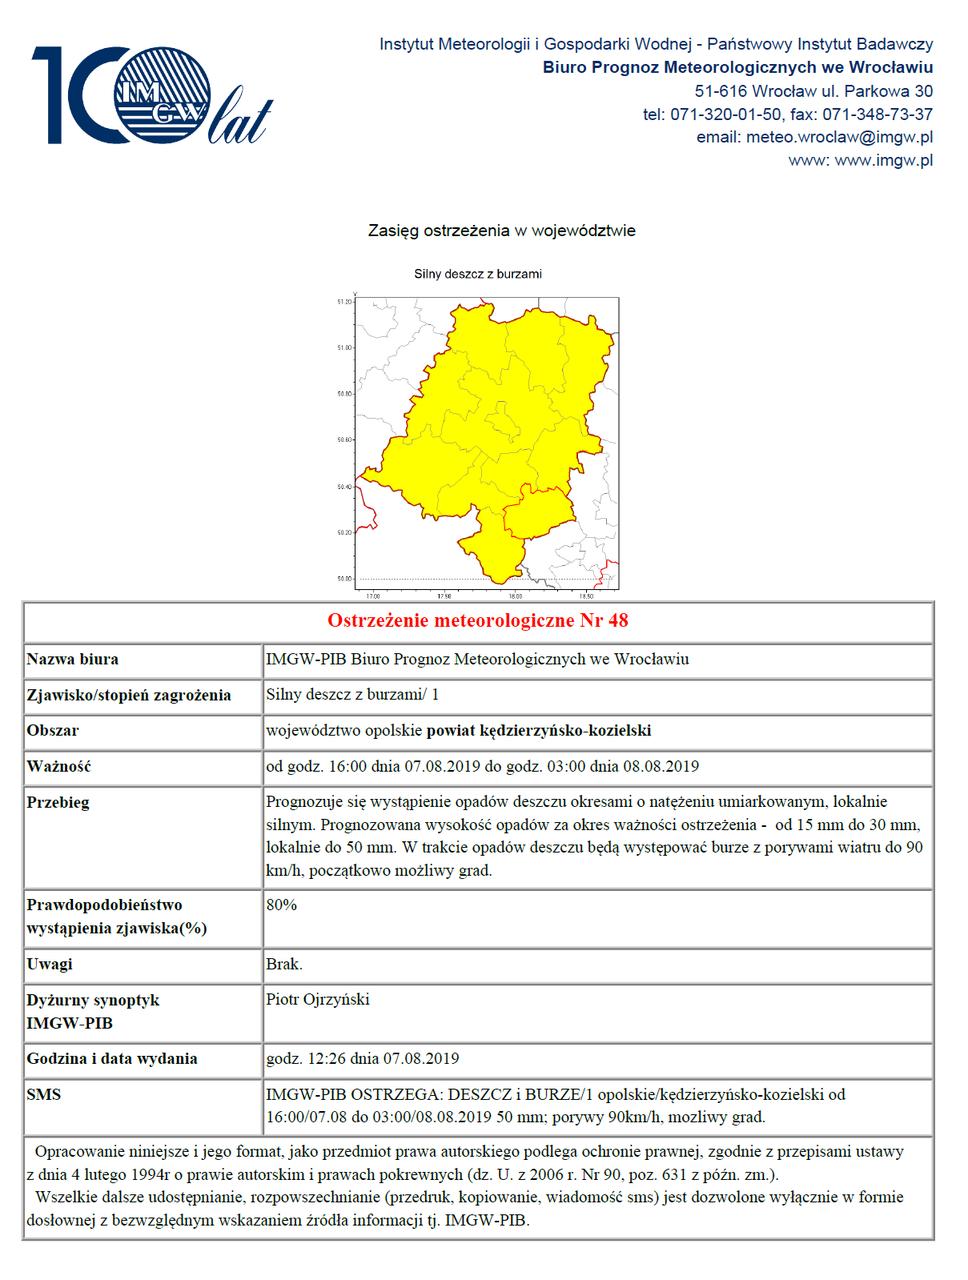 Ostrzeżenie meteorologiczne nr 48 z 07.08.2019.png